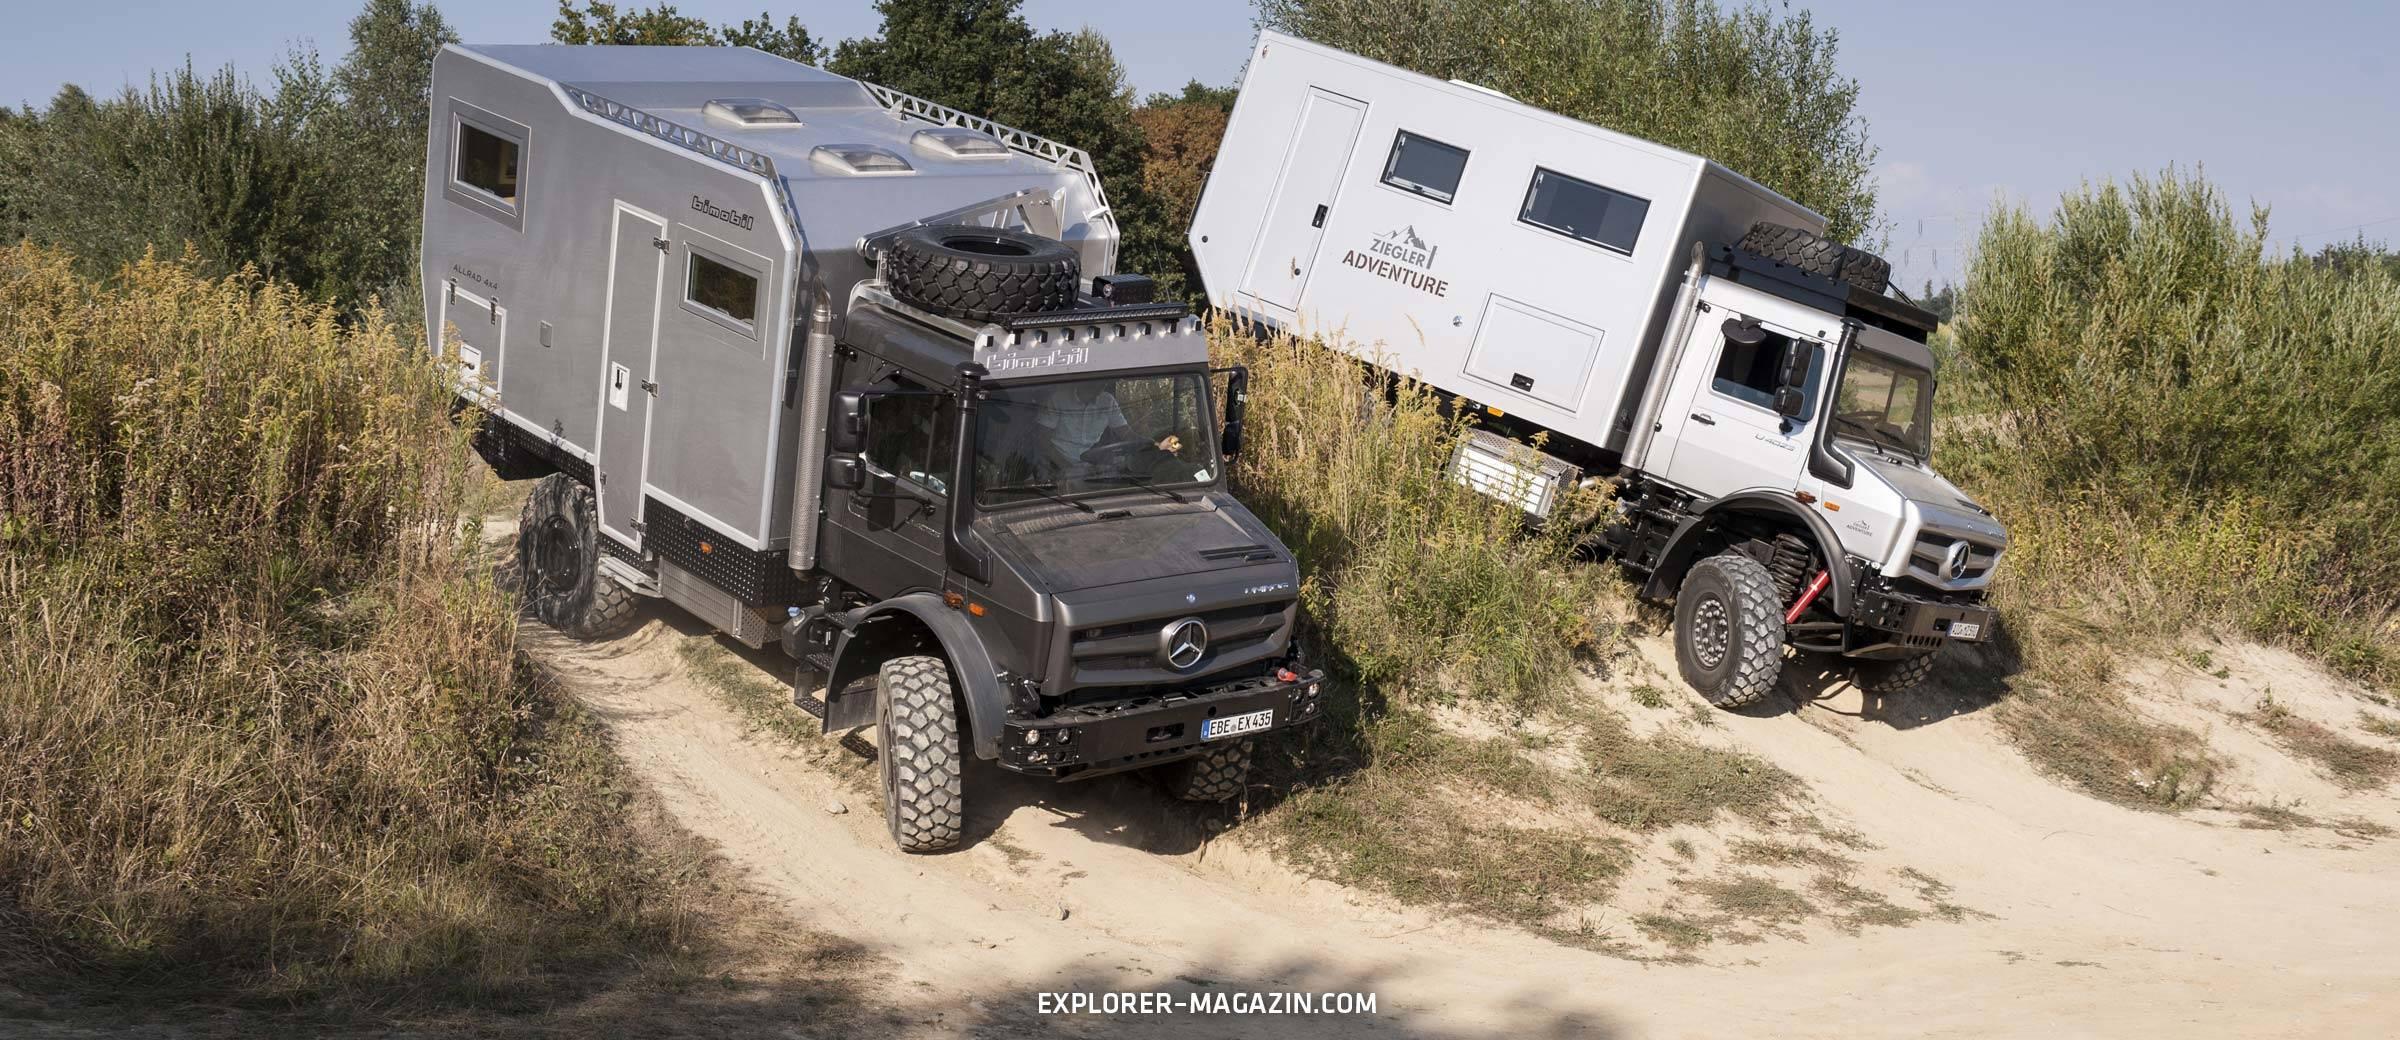 Unimog U9 Vergleichstest – Bimobil EX9 gegen Ziegler Moghome